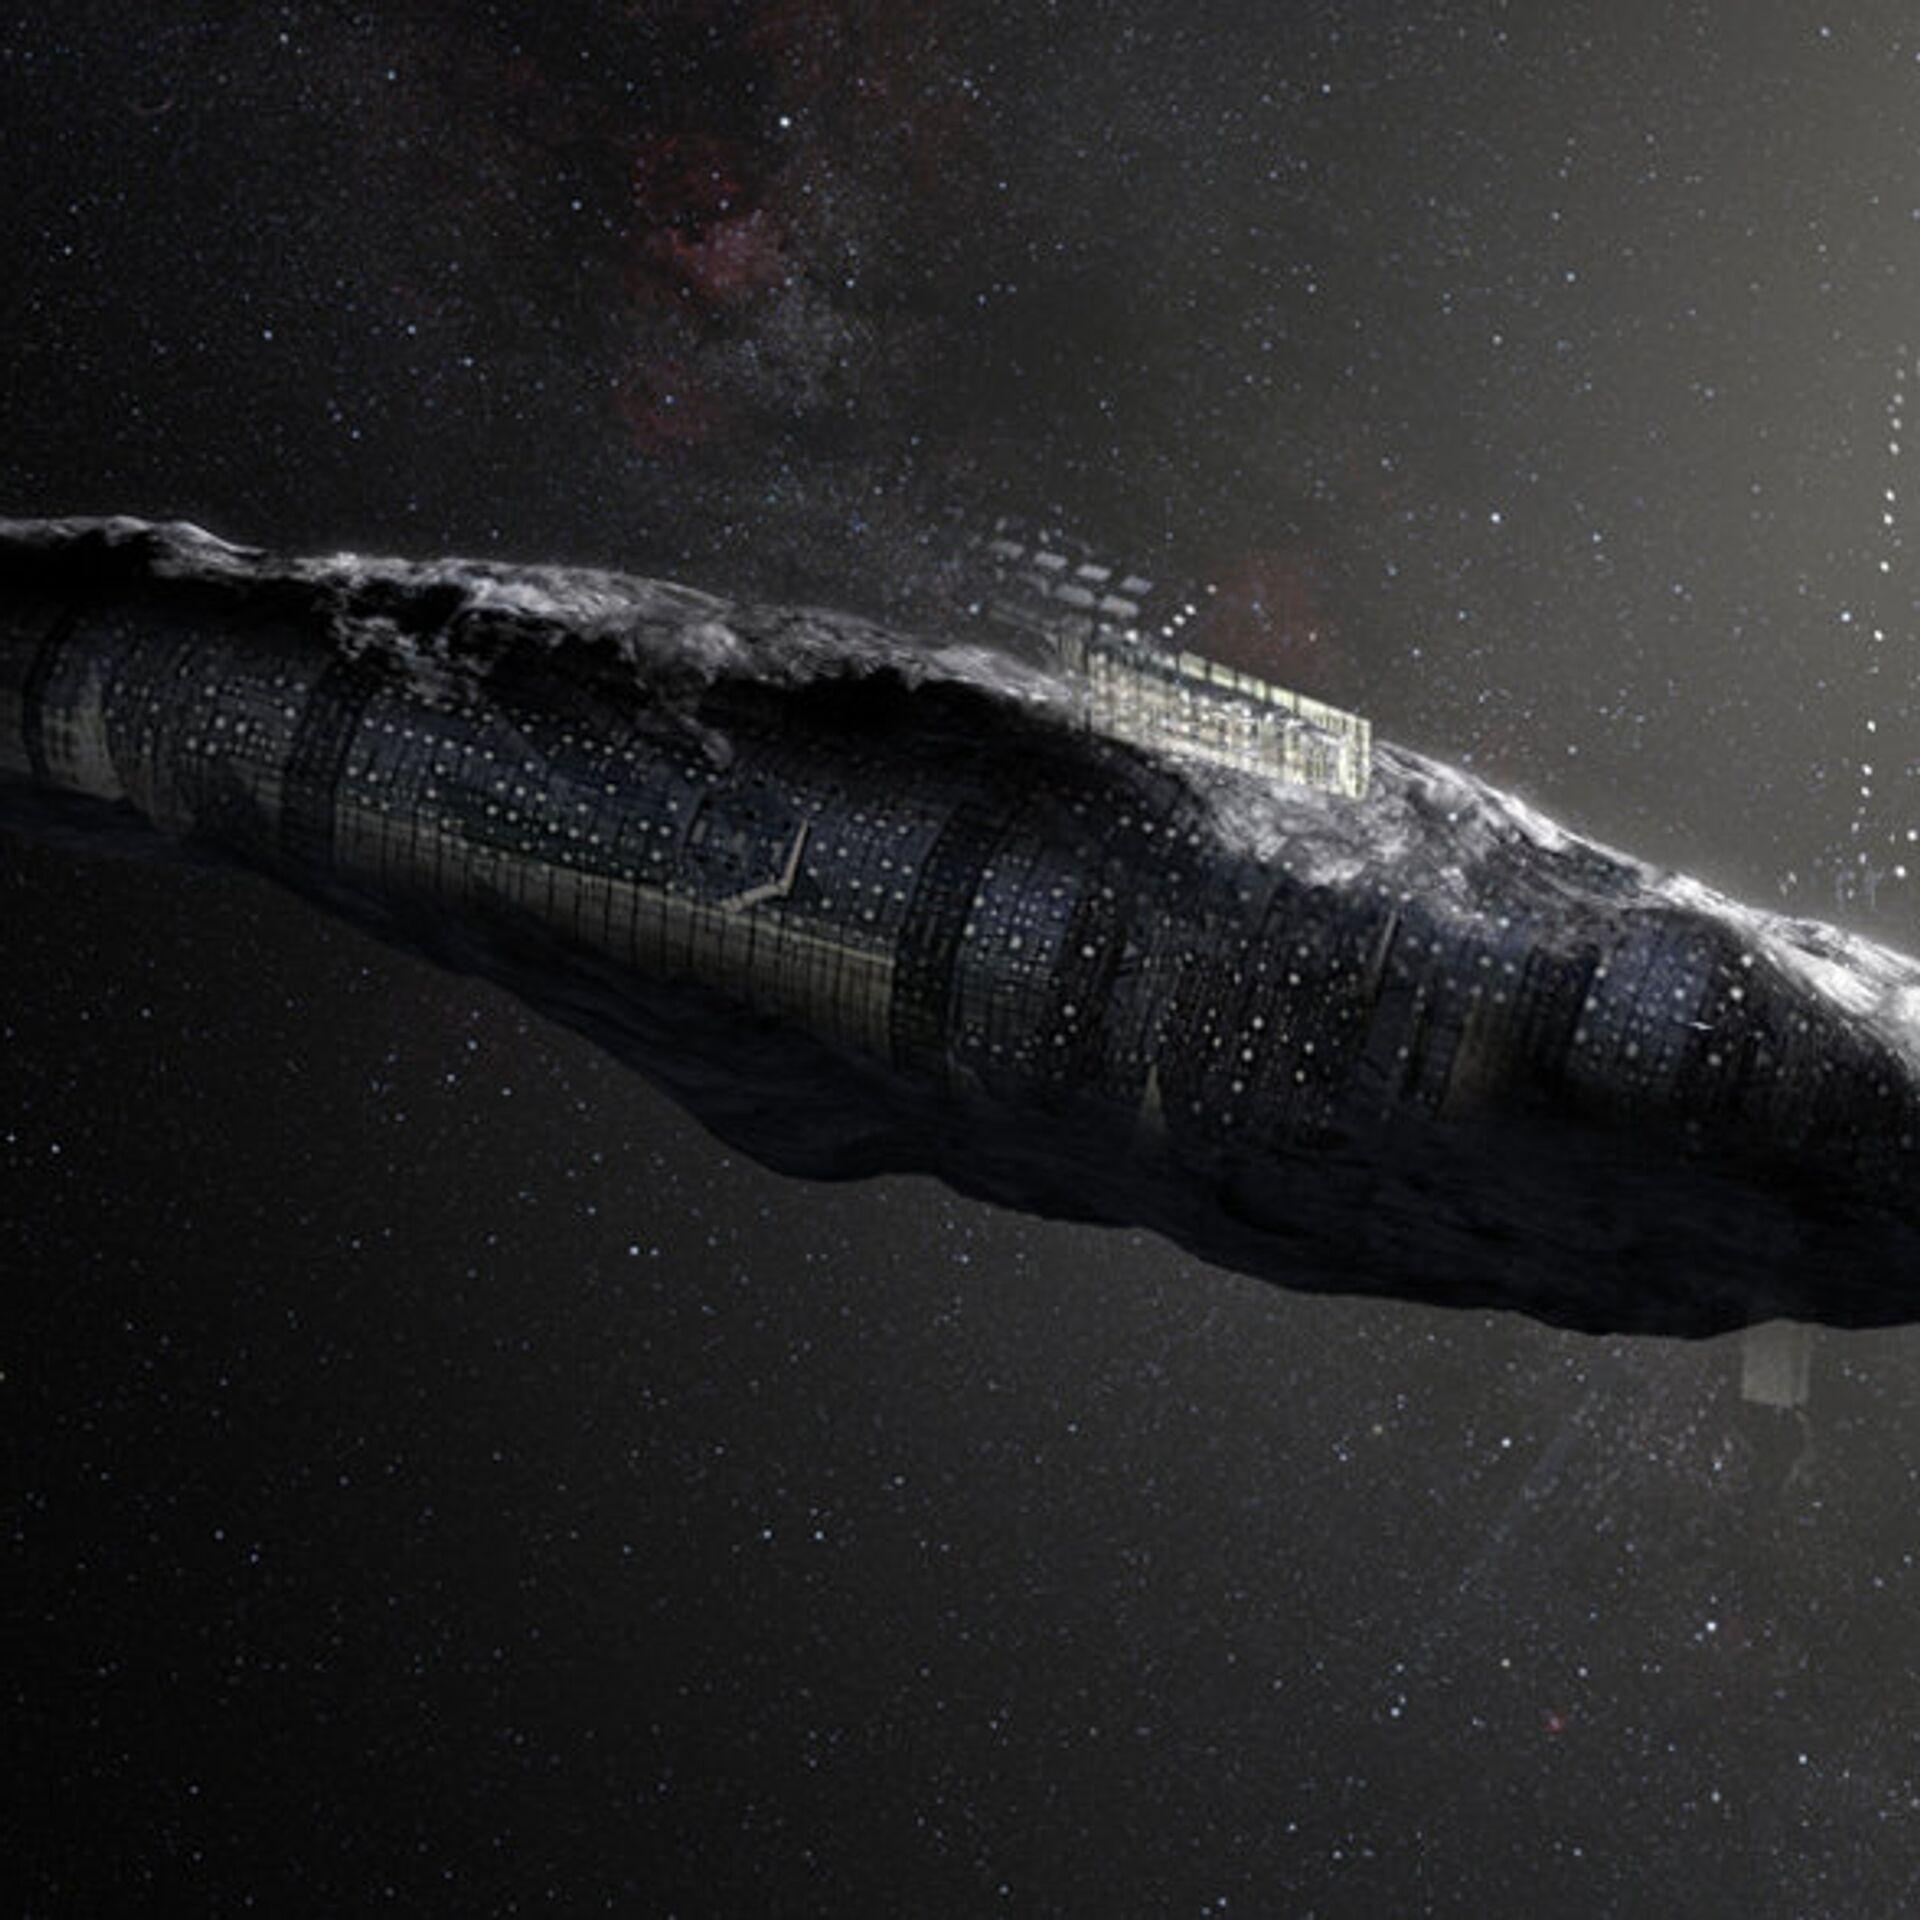 Колега Хокінга розкрив правду про інопланетян